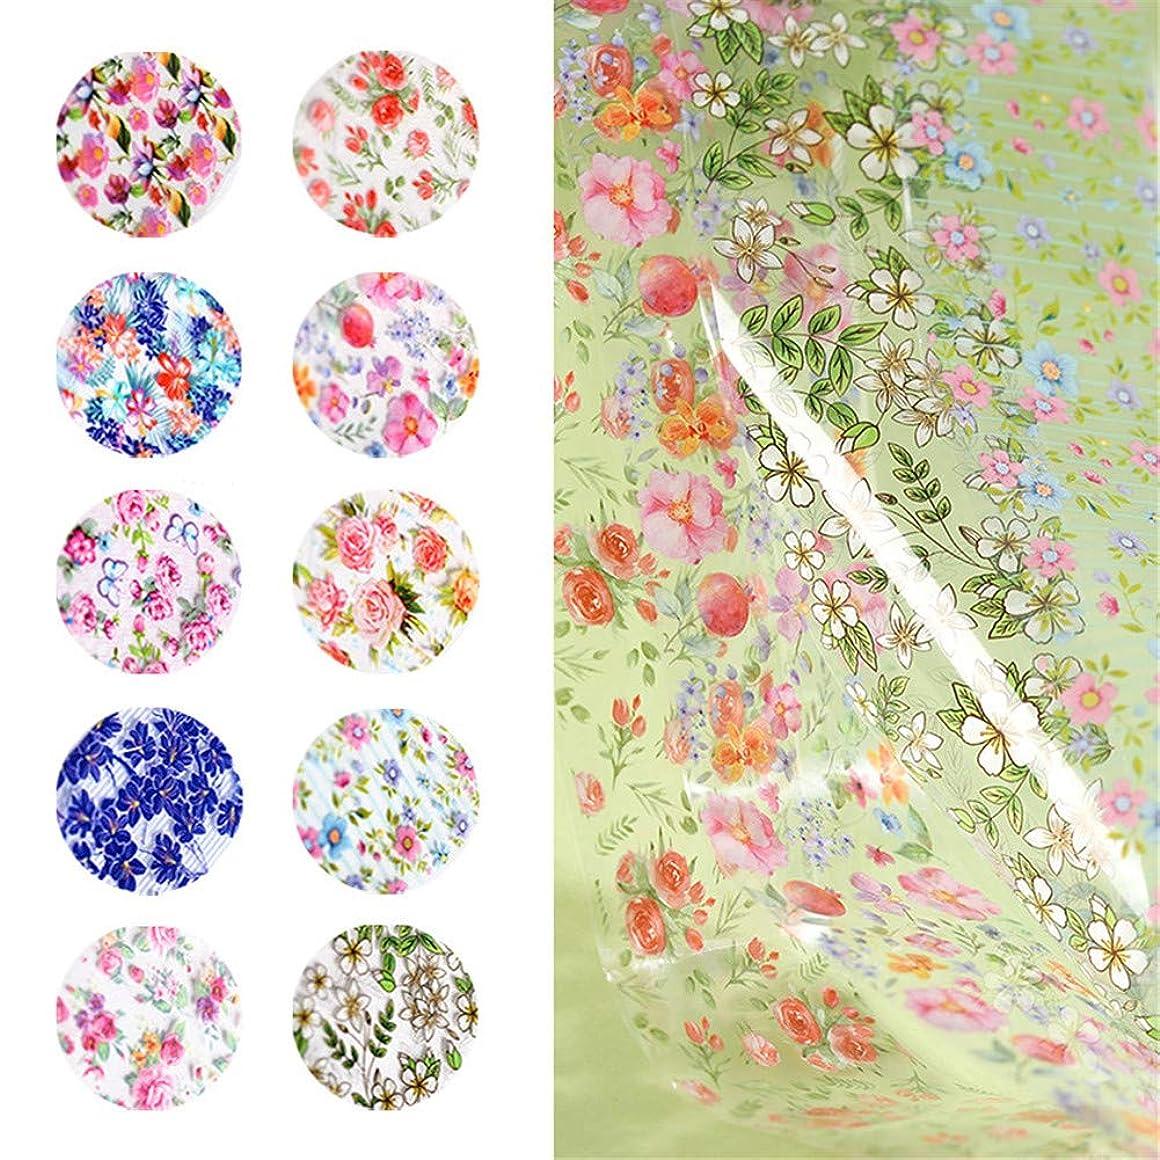 大いにベル端10シール フラワー ネイルホイル レース 桜 春 ネイルデコ ステッカー ネイルアート ホイル (01-10)